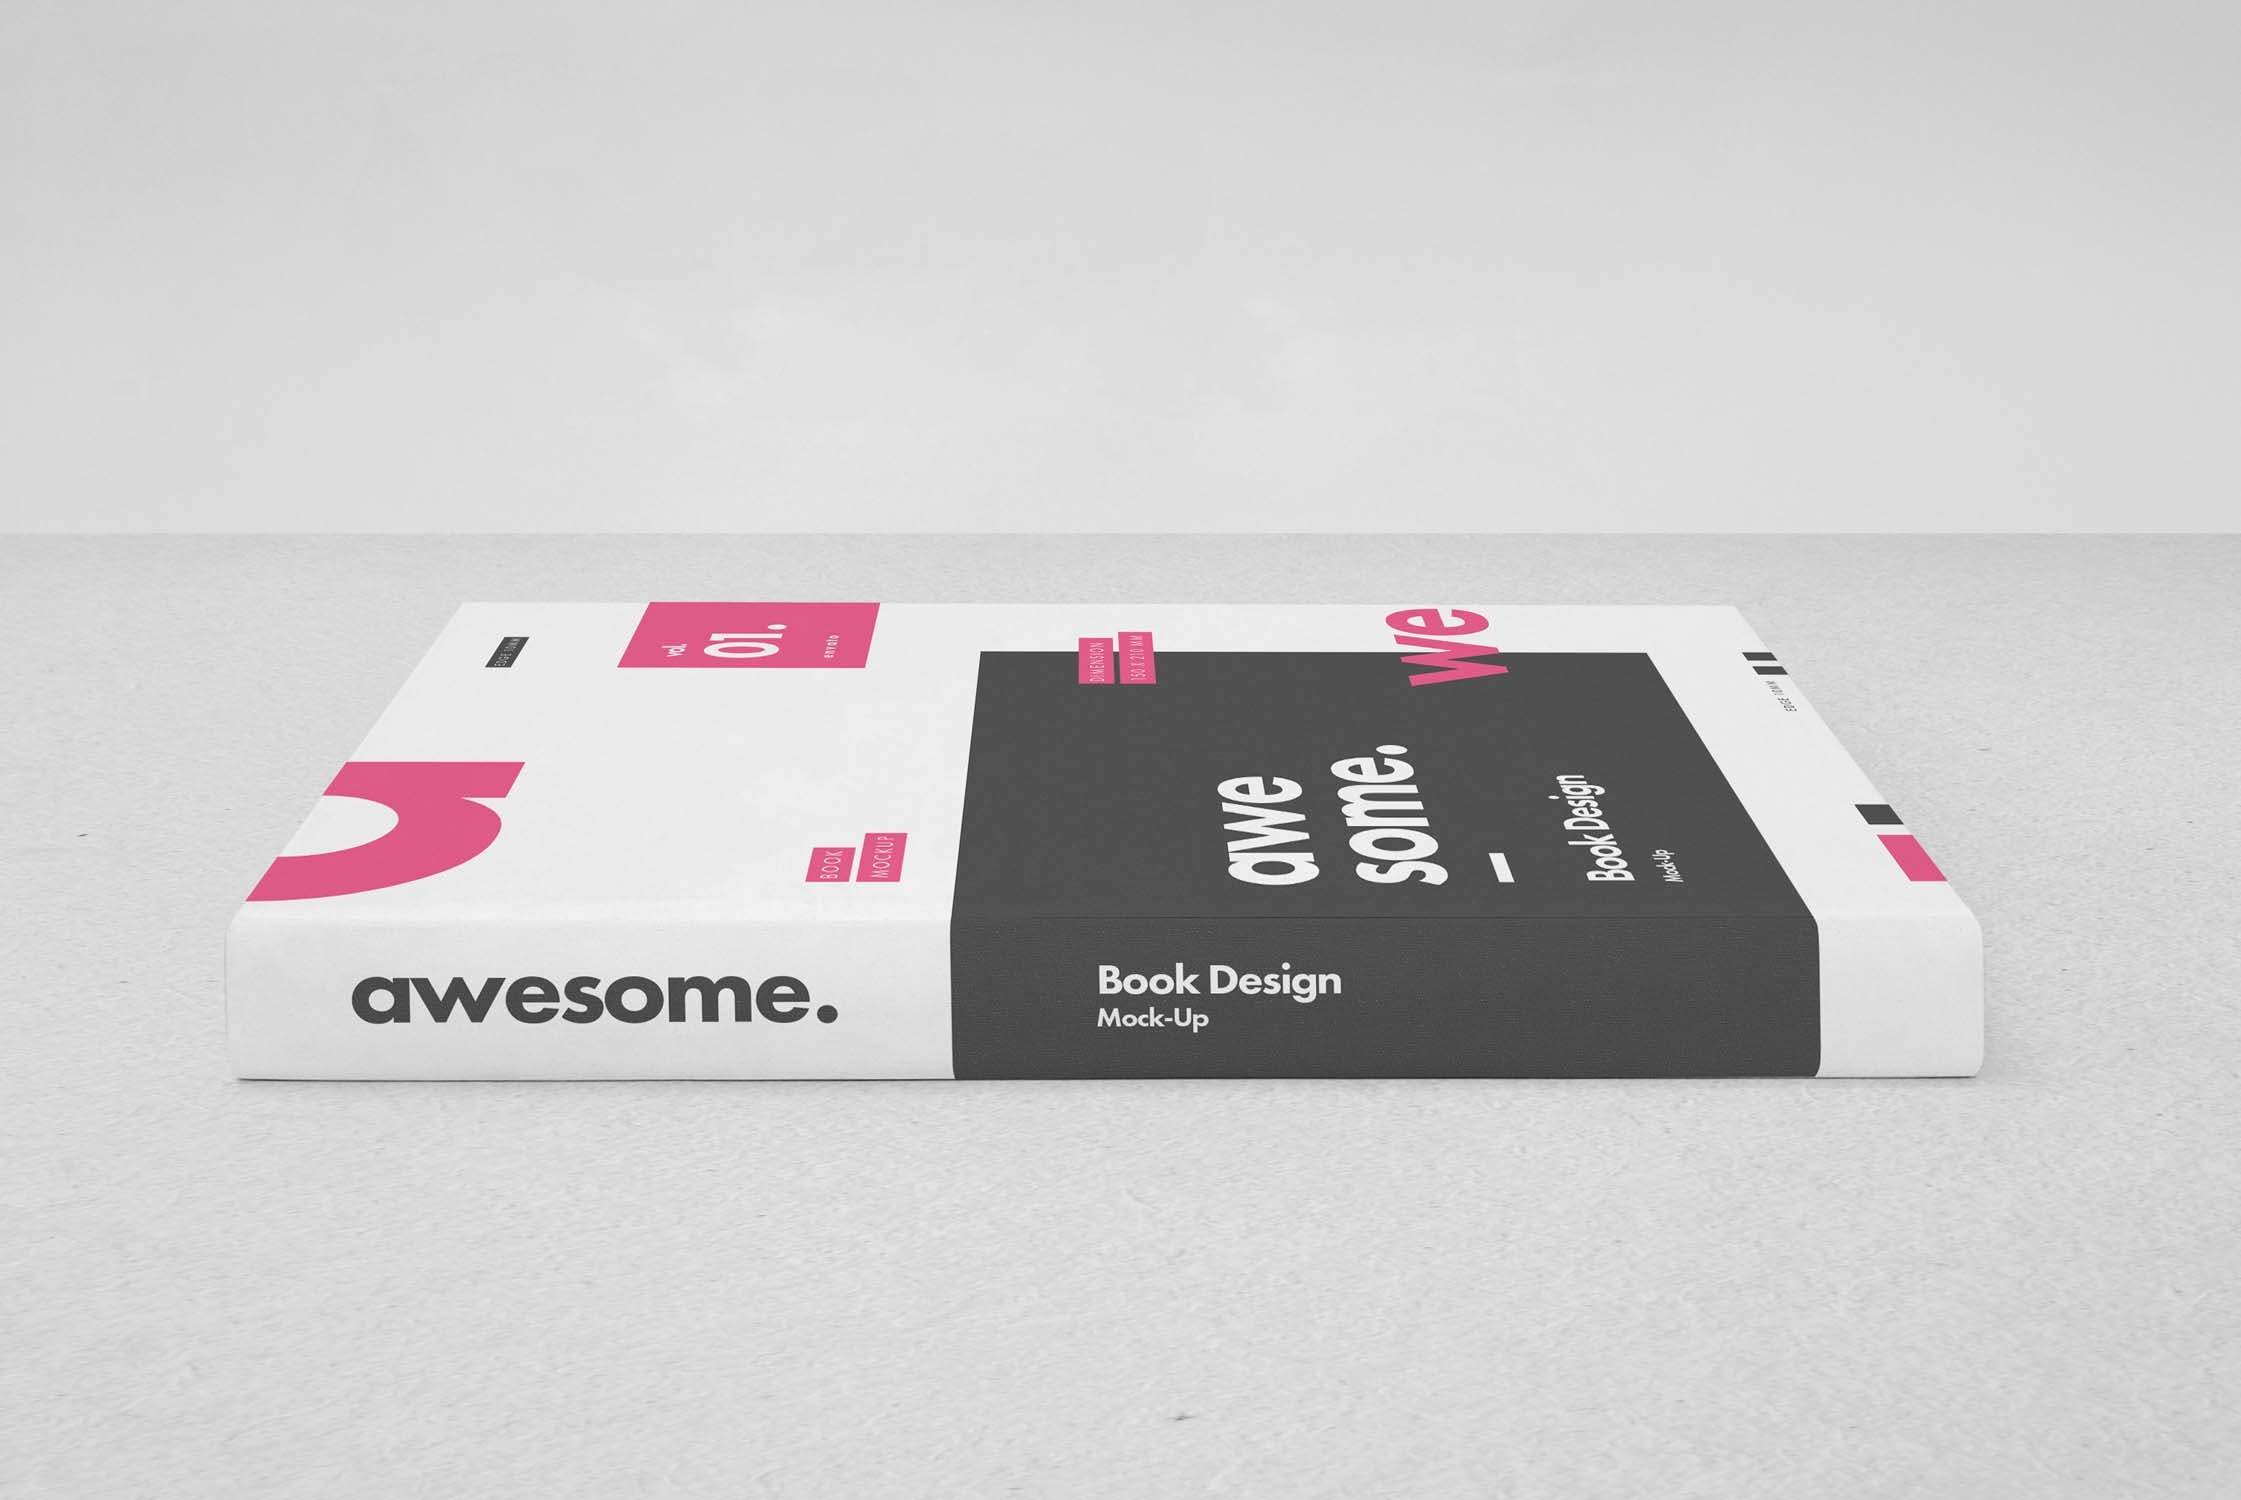 逼真精装书画册设计展示样机PSD模板素材 Book Mockup插图(2)